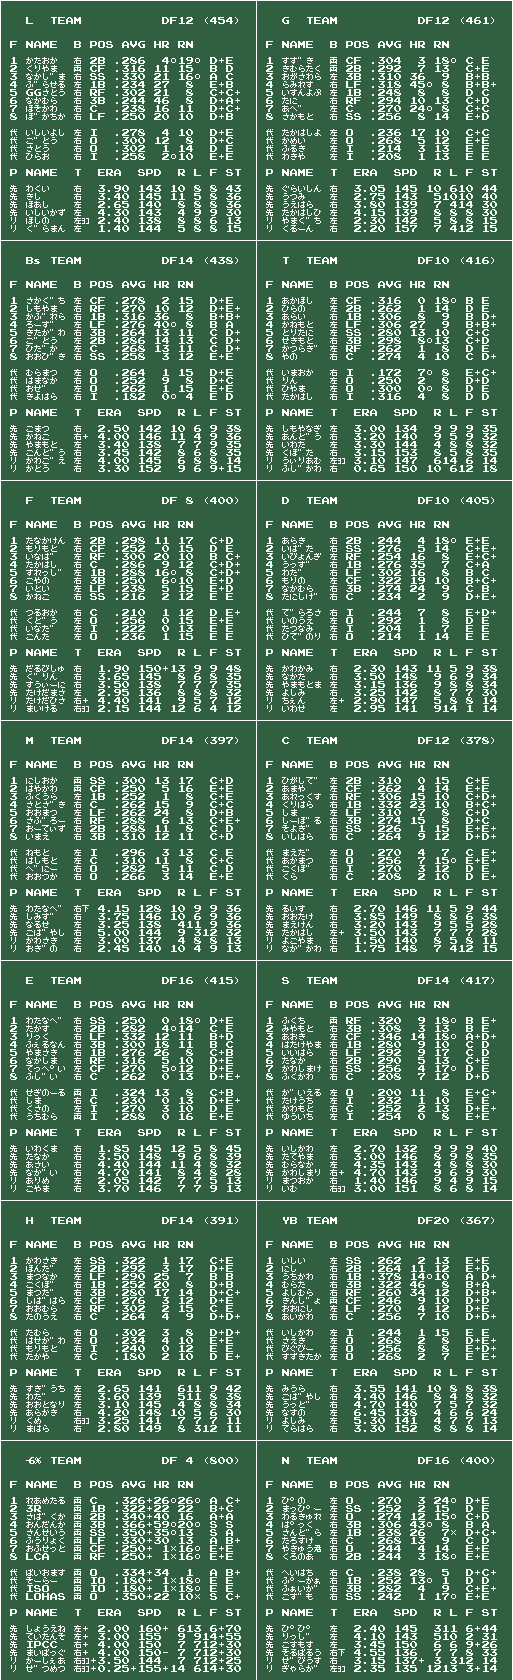 ファミスタ08 虎鷹無念 v2009/03/12 チームデータ